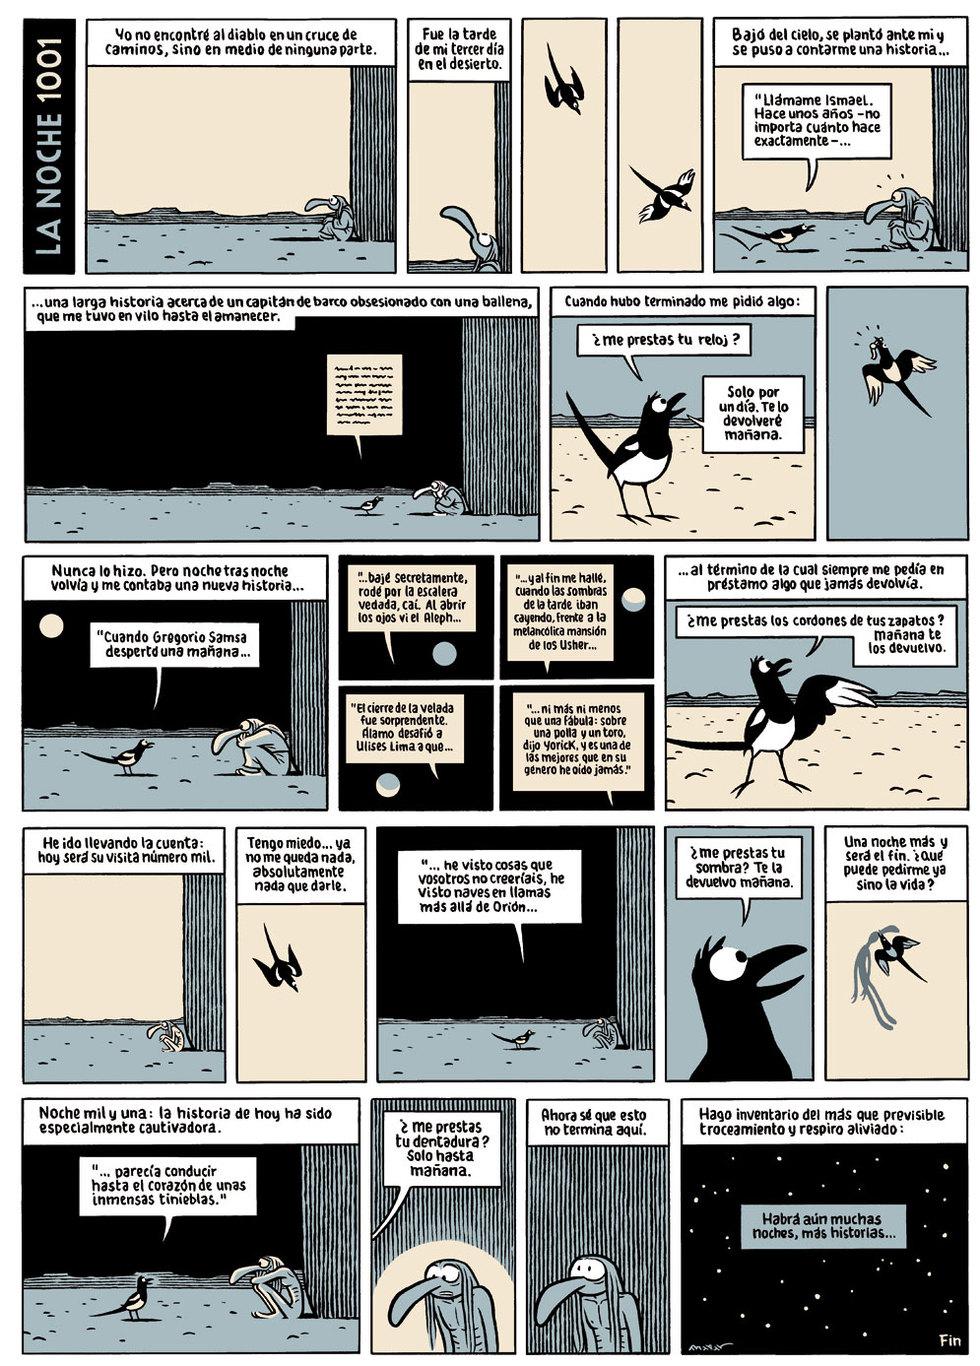 El cómic de Max homenaje a \'Las mil y una noches\' | Cultura | EL PAÍS